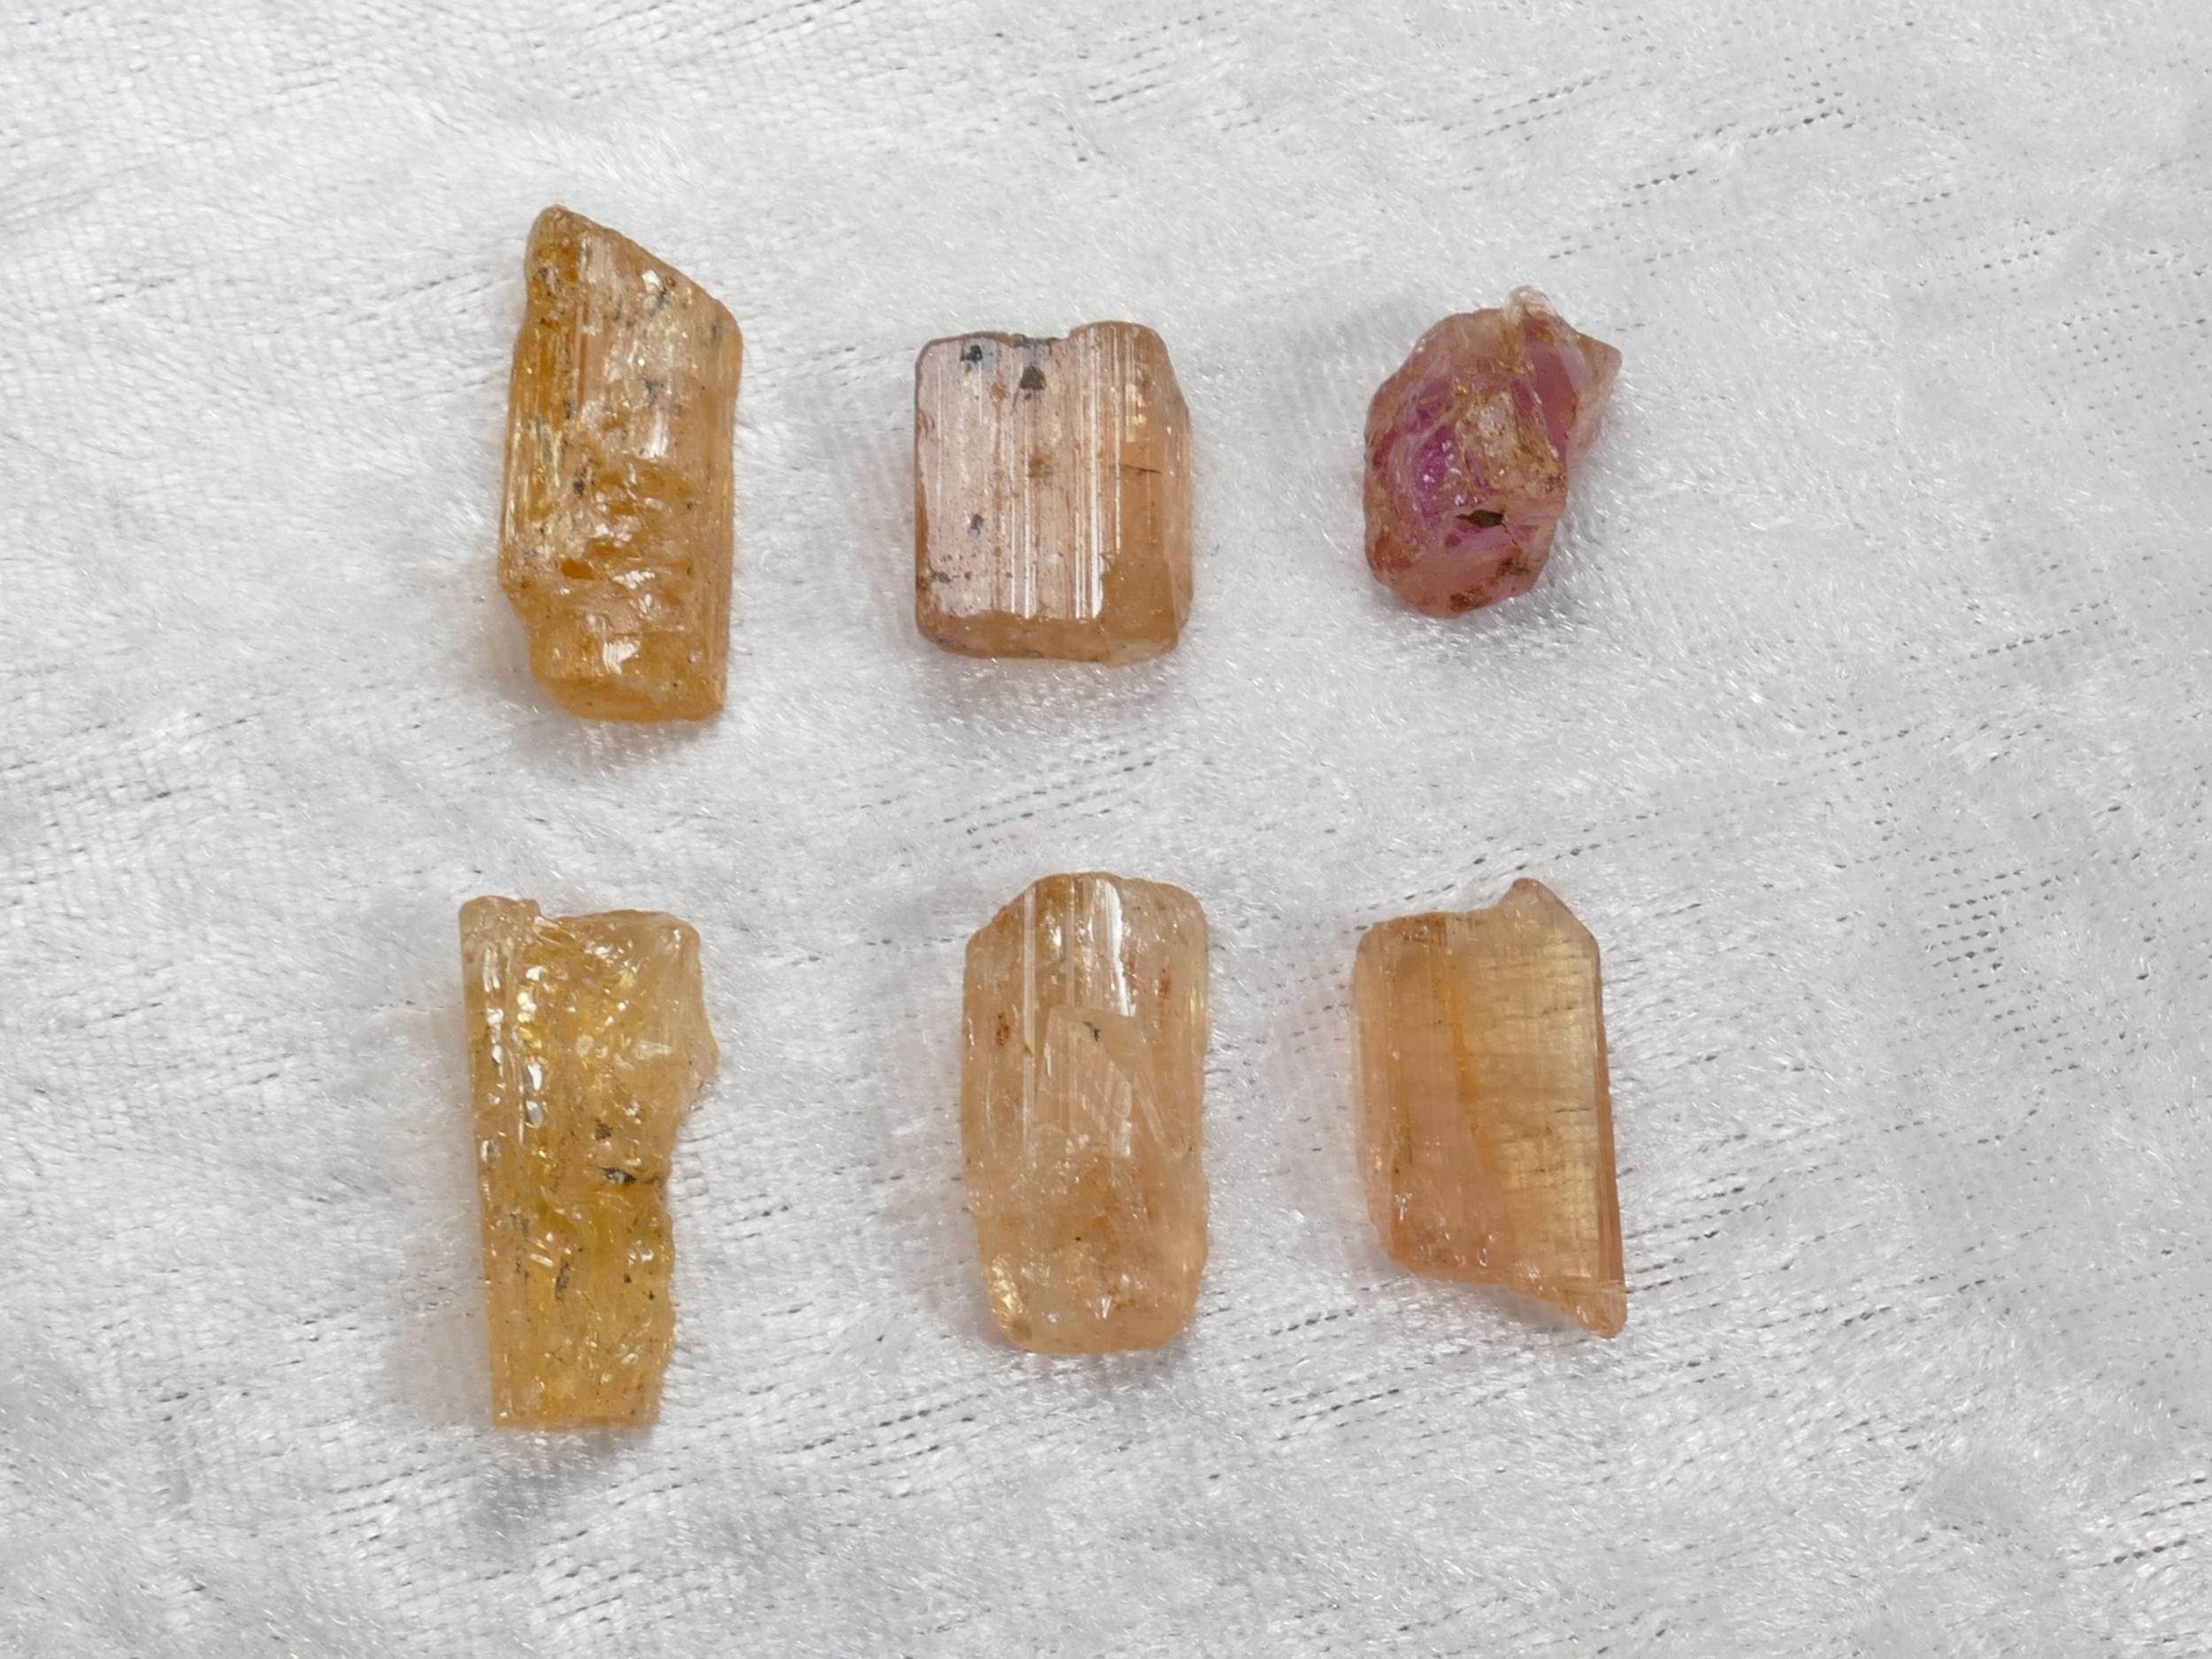 13.6g 6 Morceaux de Topaze Impériale naturelle brute orangé rosé pierre fine Brésil lot (#PM276)